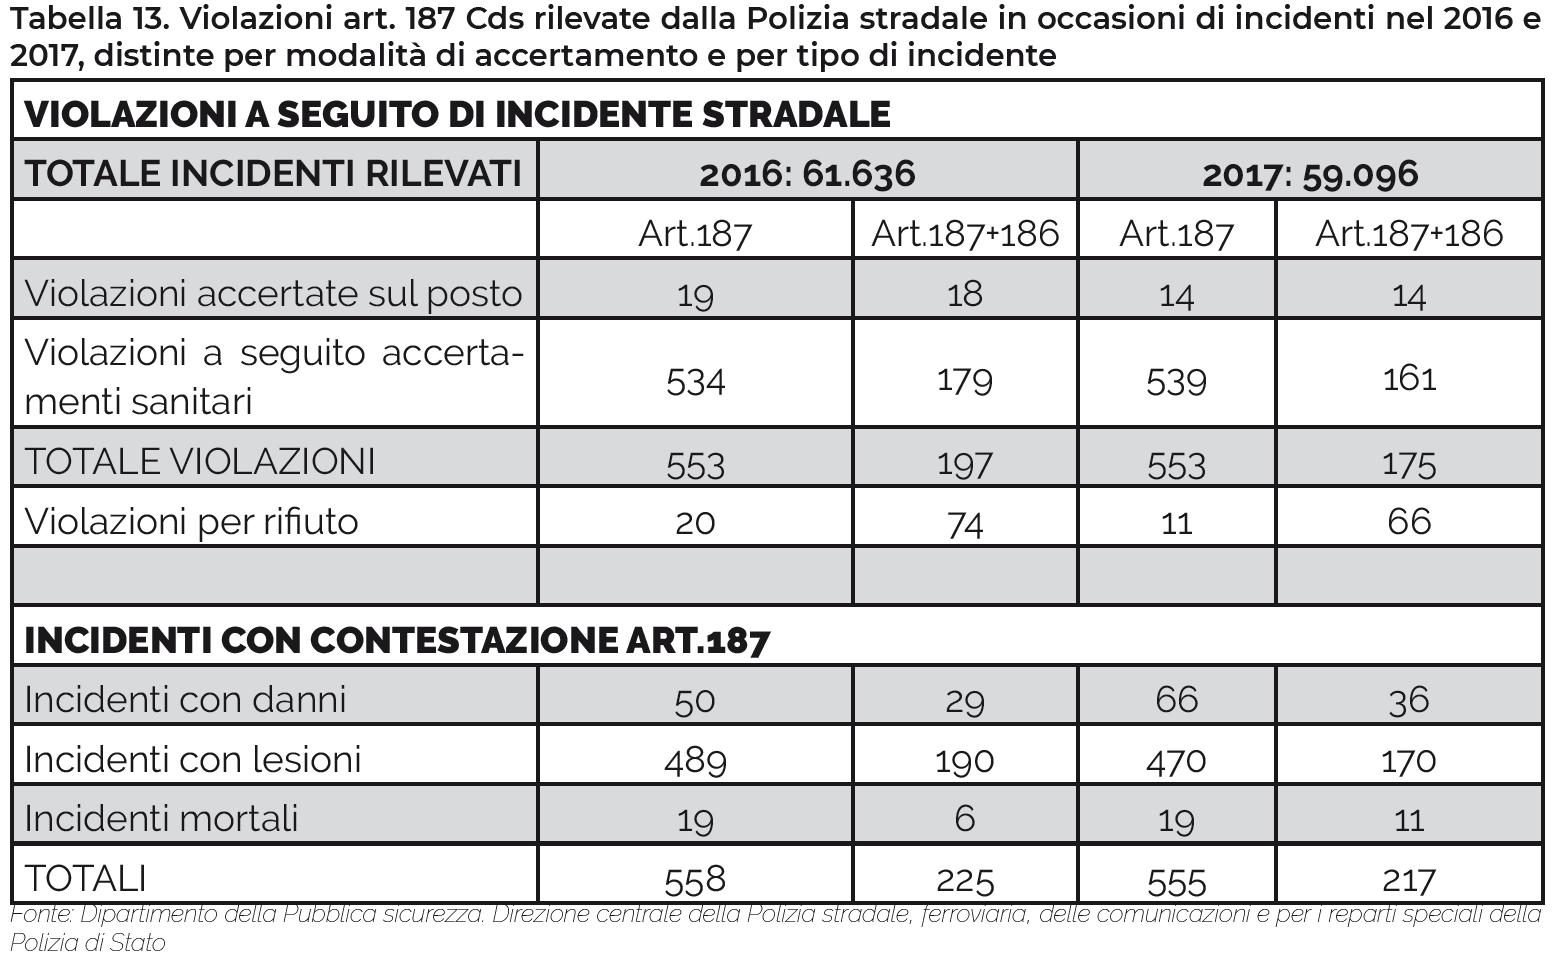 Tabella 12. Violazioni art. 187 CdS rilevate dalla Polizia stradale nel 2016 e nel 2017, distinte per classi di età e fascia oraria di rilevazione